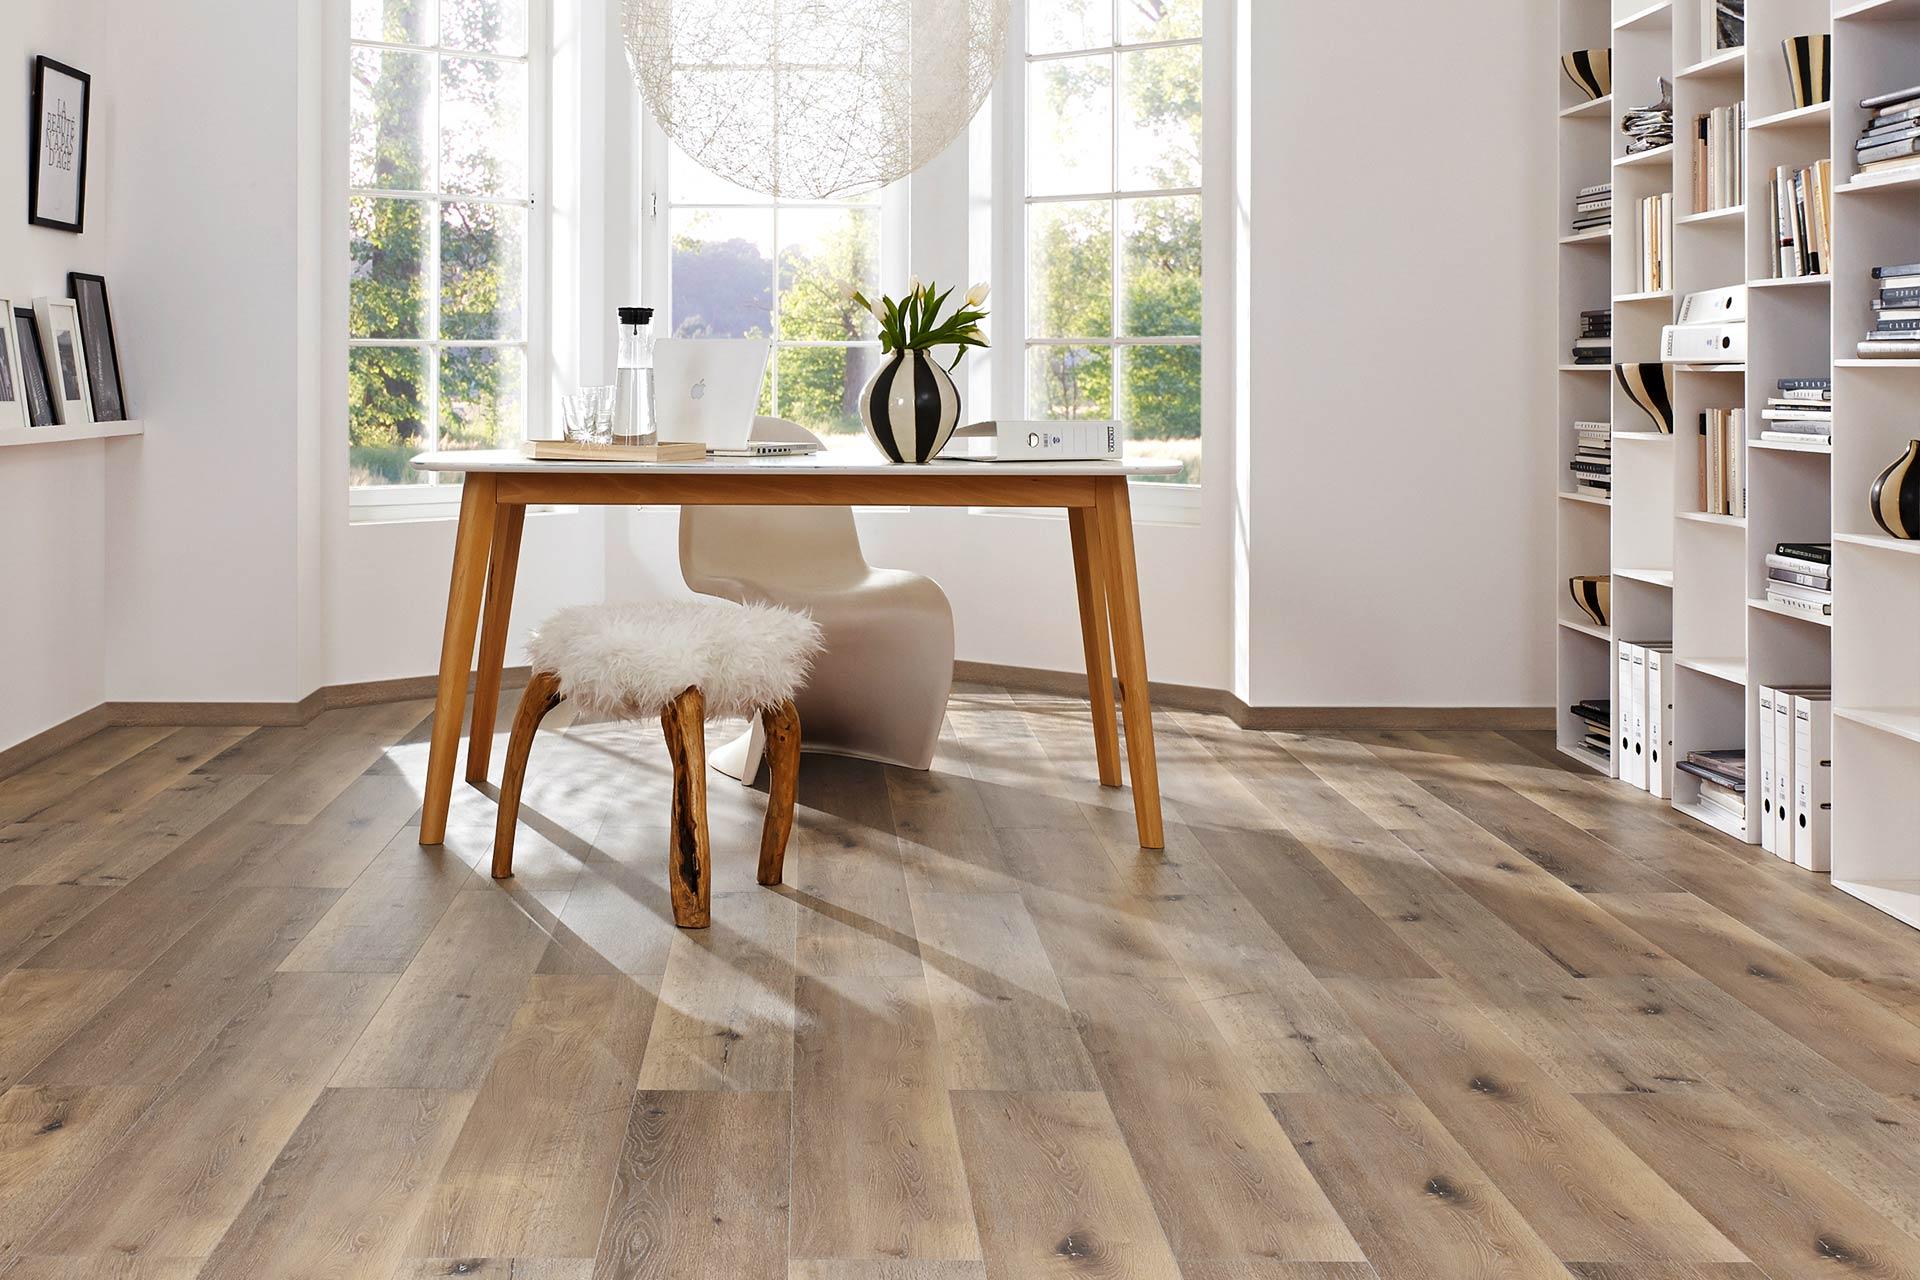 parkett dielen designb den terassendielen in ha furt bei bamberg und schweinfurt. Black Bedroom Furniture Sets. Home Design Ideas